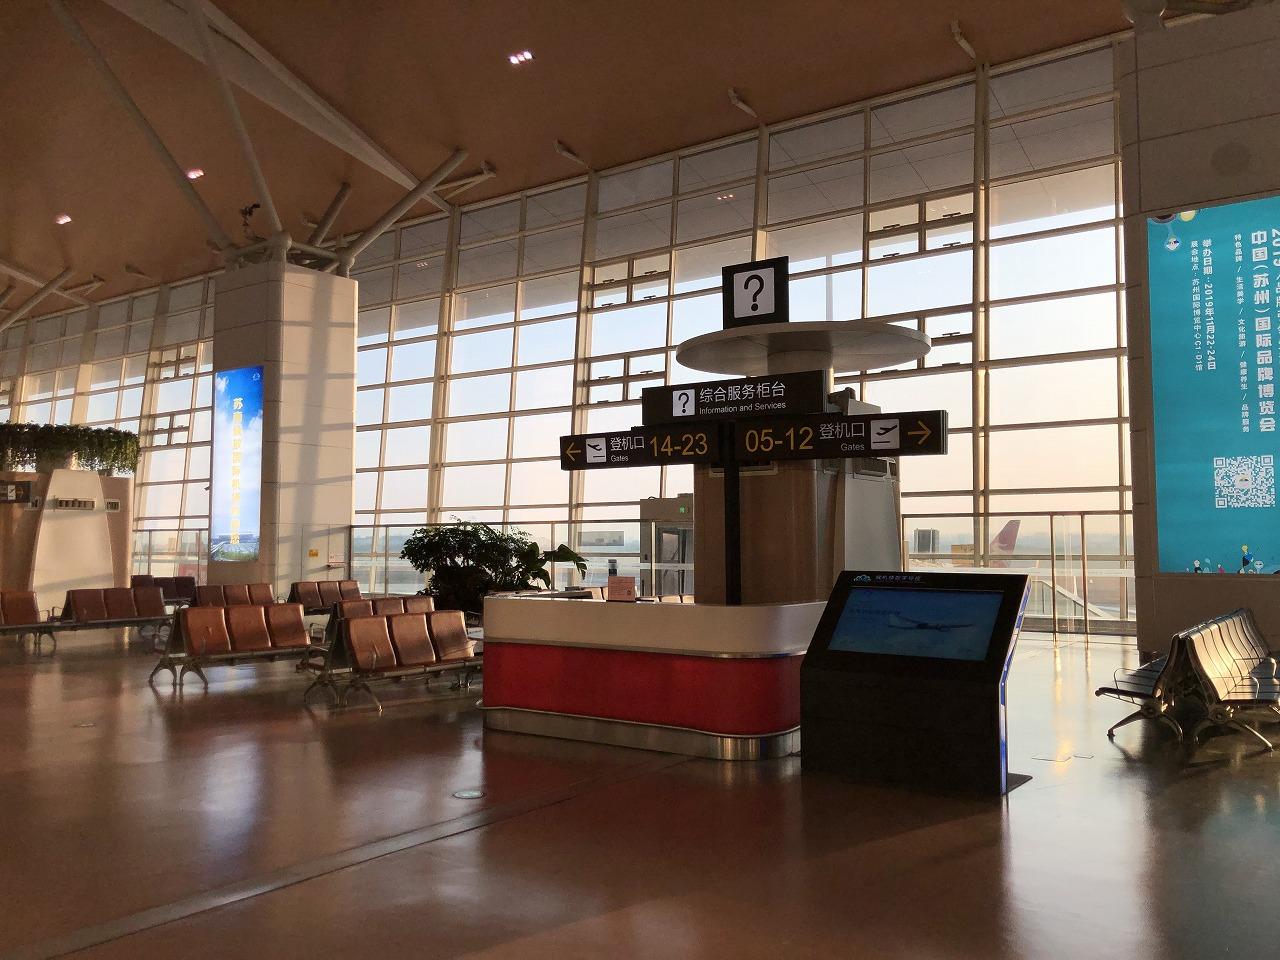 無錫空港 深セン航空ラウンジ 場所